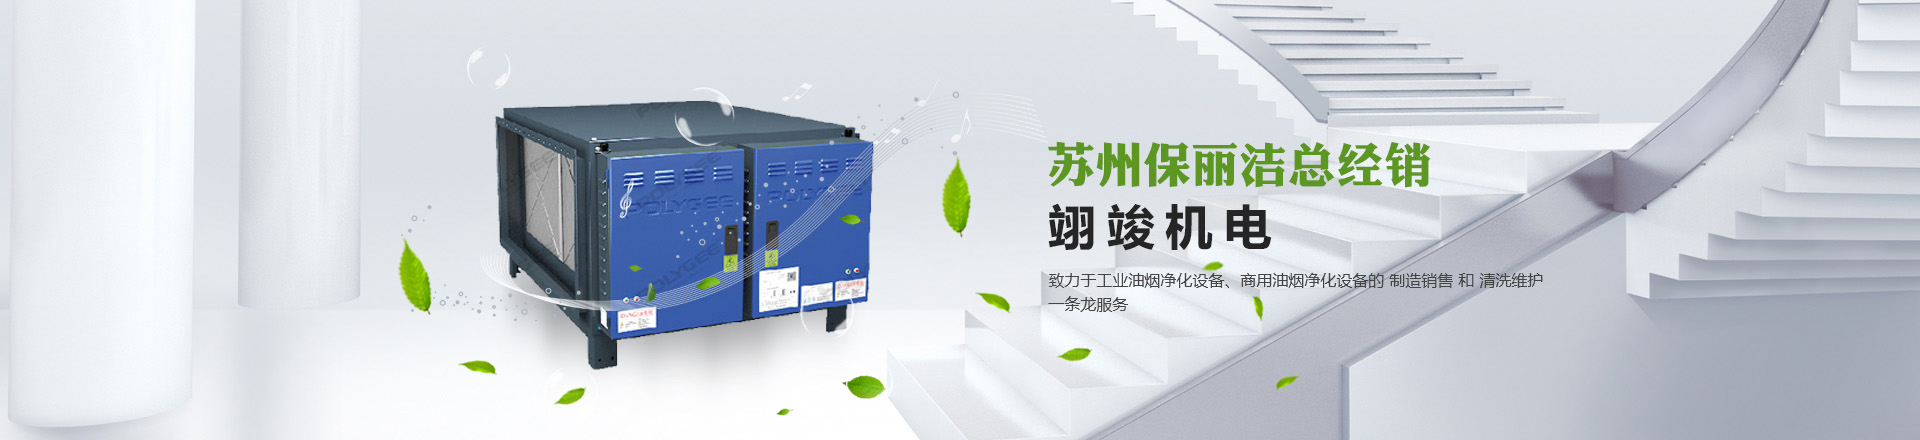 苏州翊竣机电设备工程有限公司